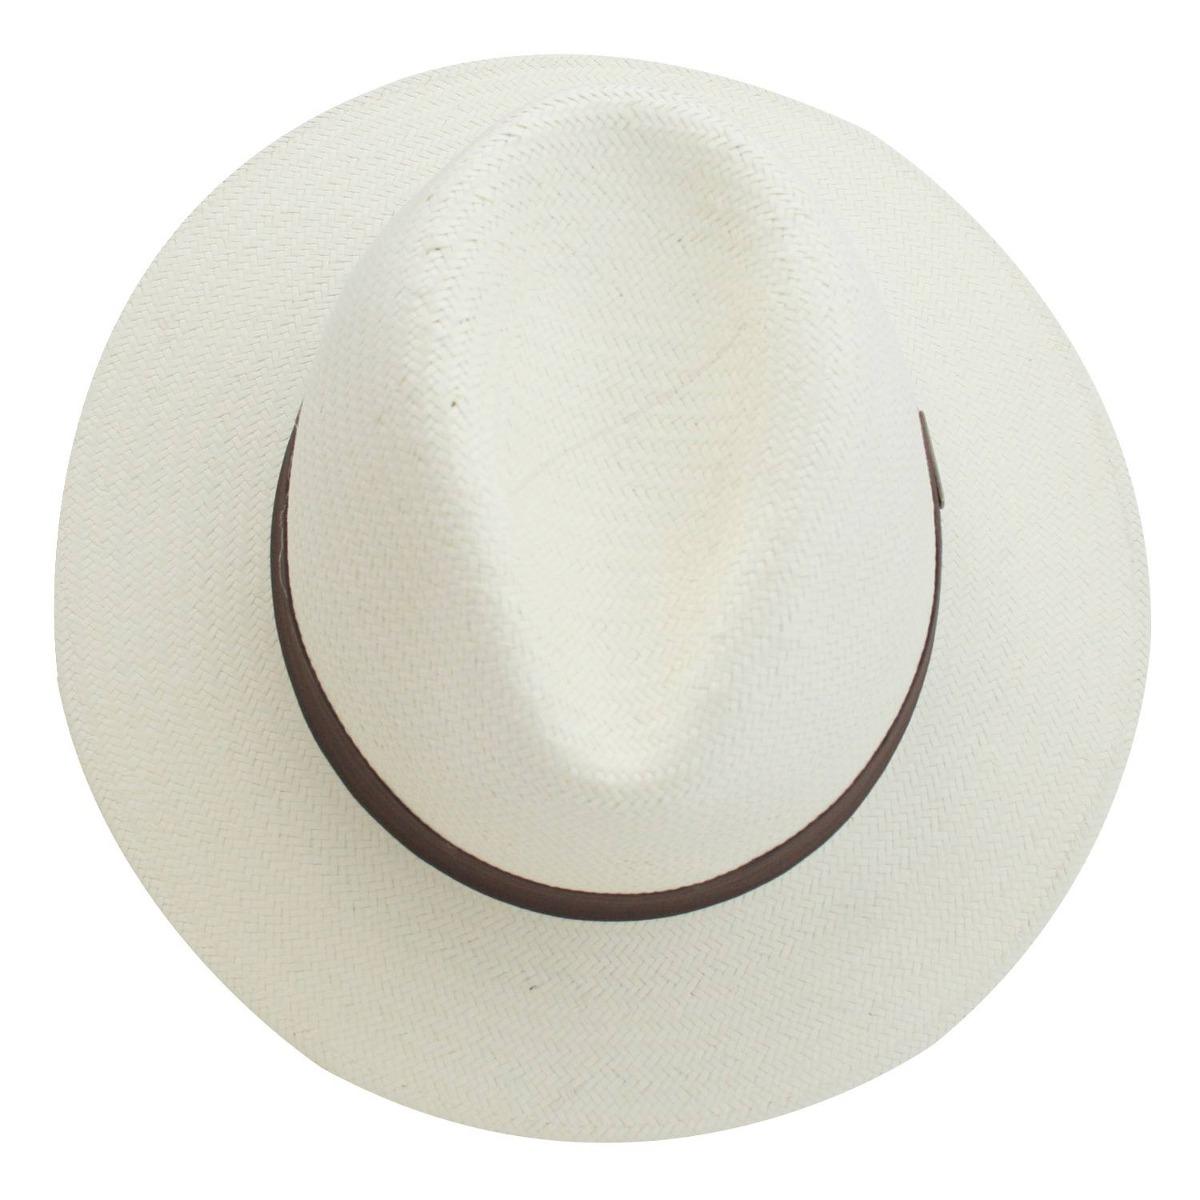 9b79379d78a59 chapéu casual shantung fita marrom-marfim-tamanho 56. Carregando zoom.